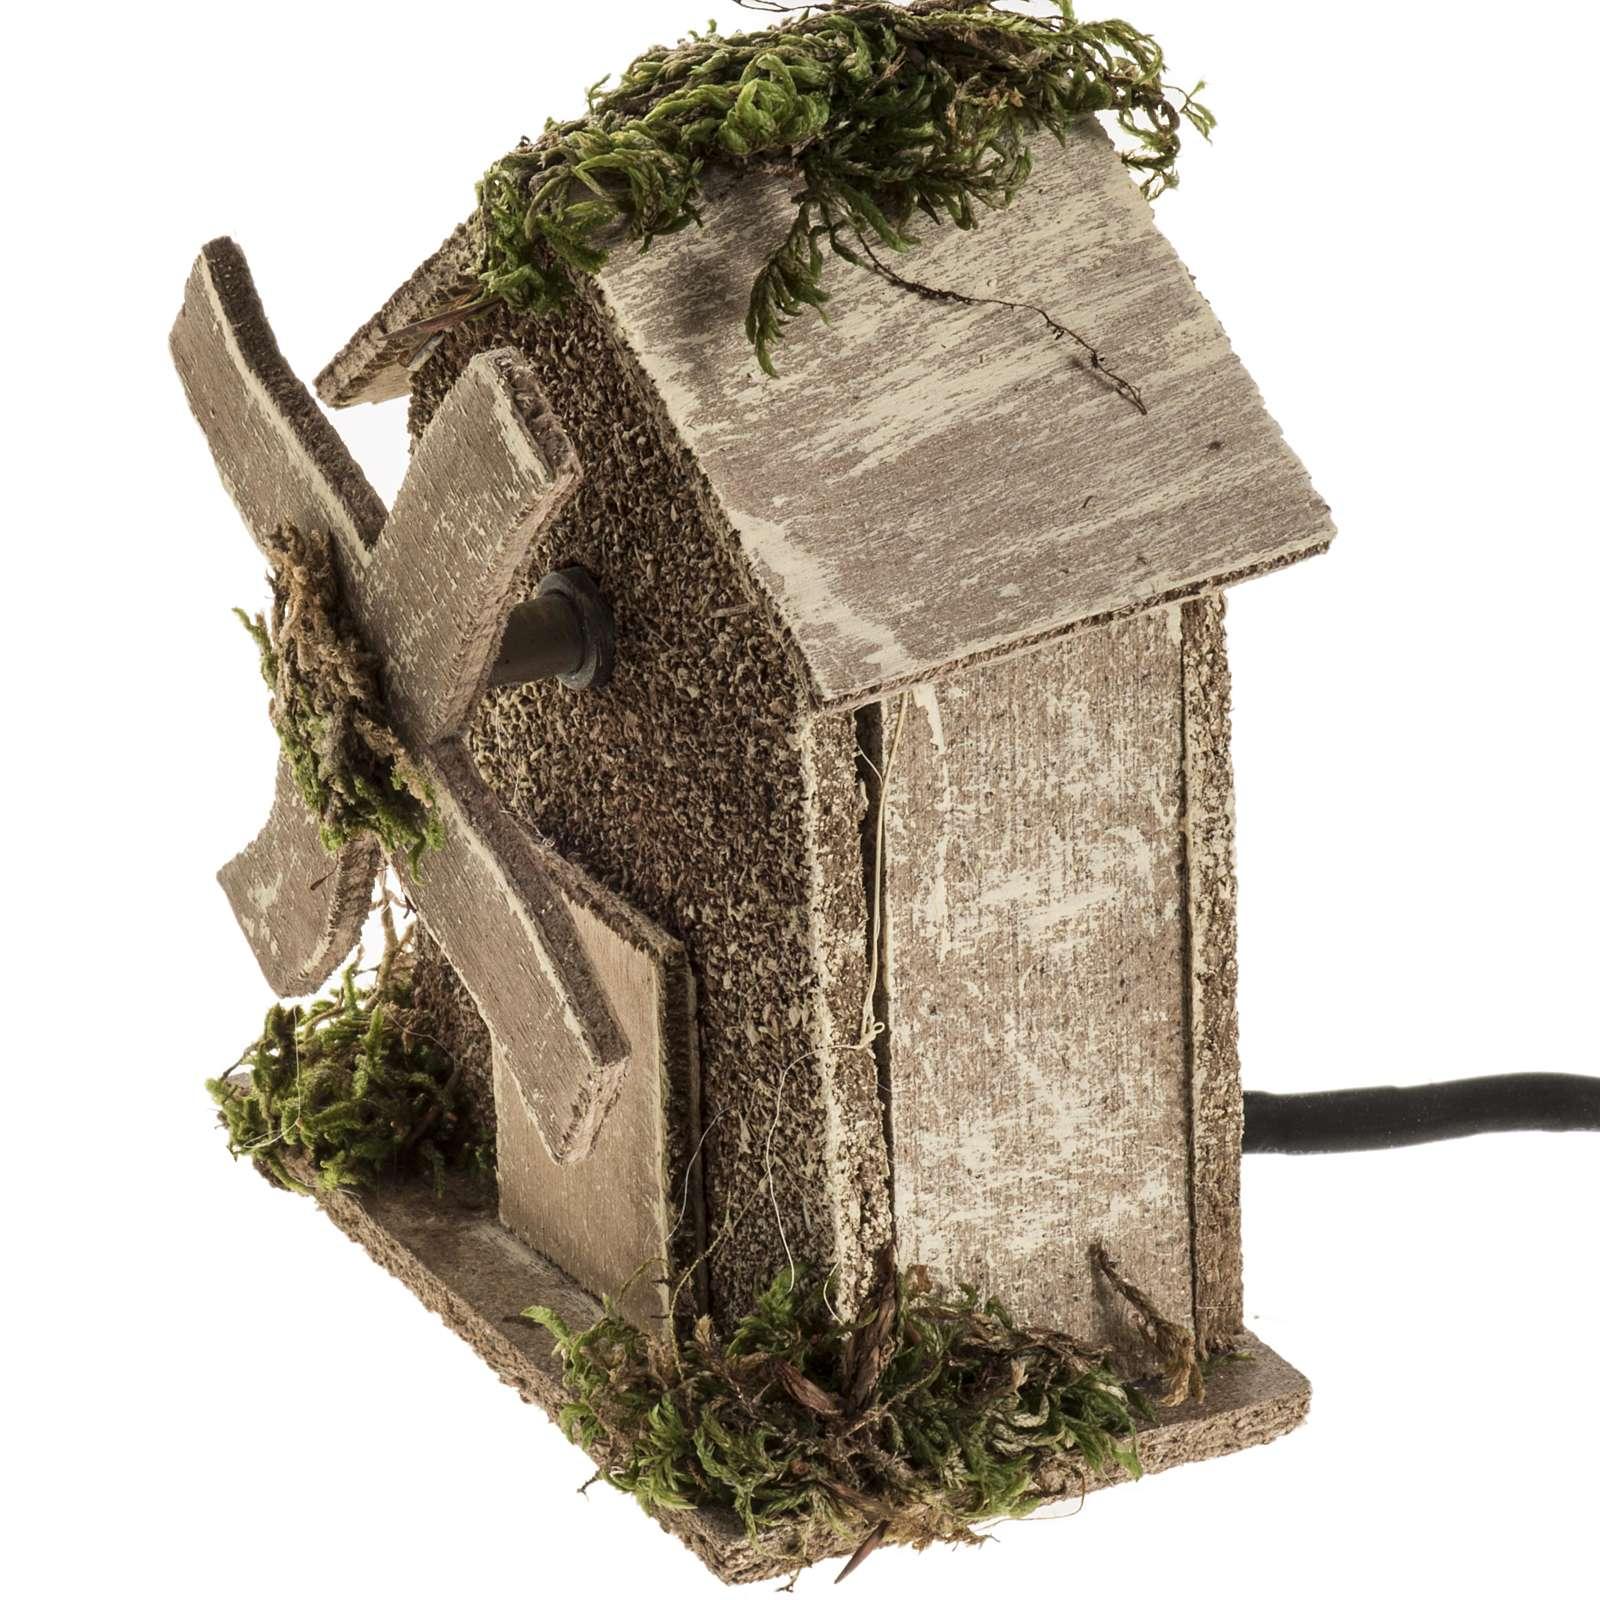 Nativity setting, wind mill 4W, 15-18 turns/minute 13x10x6cm 4